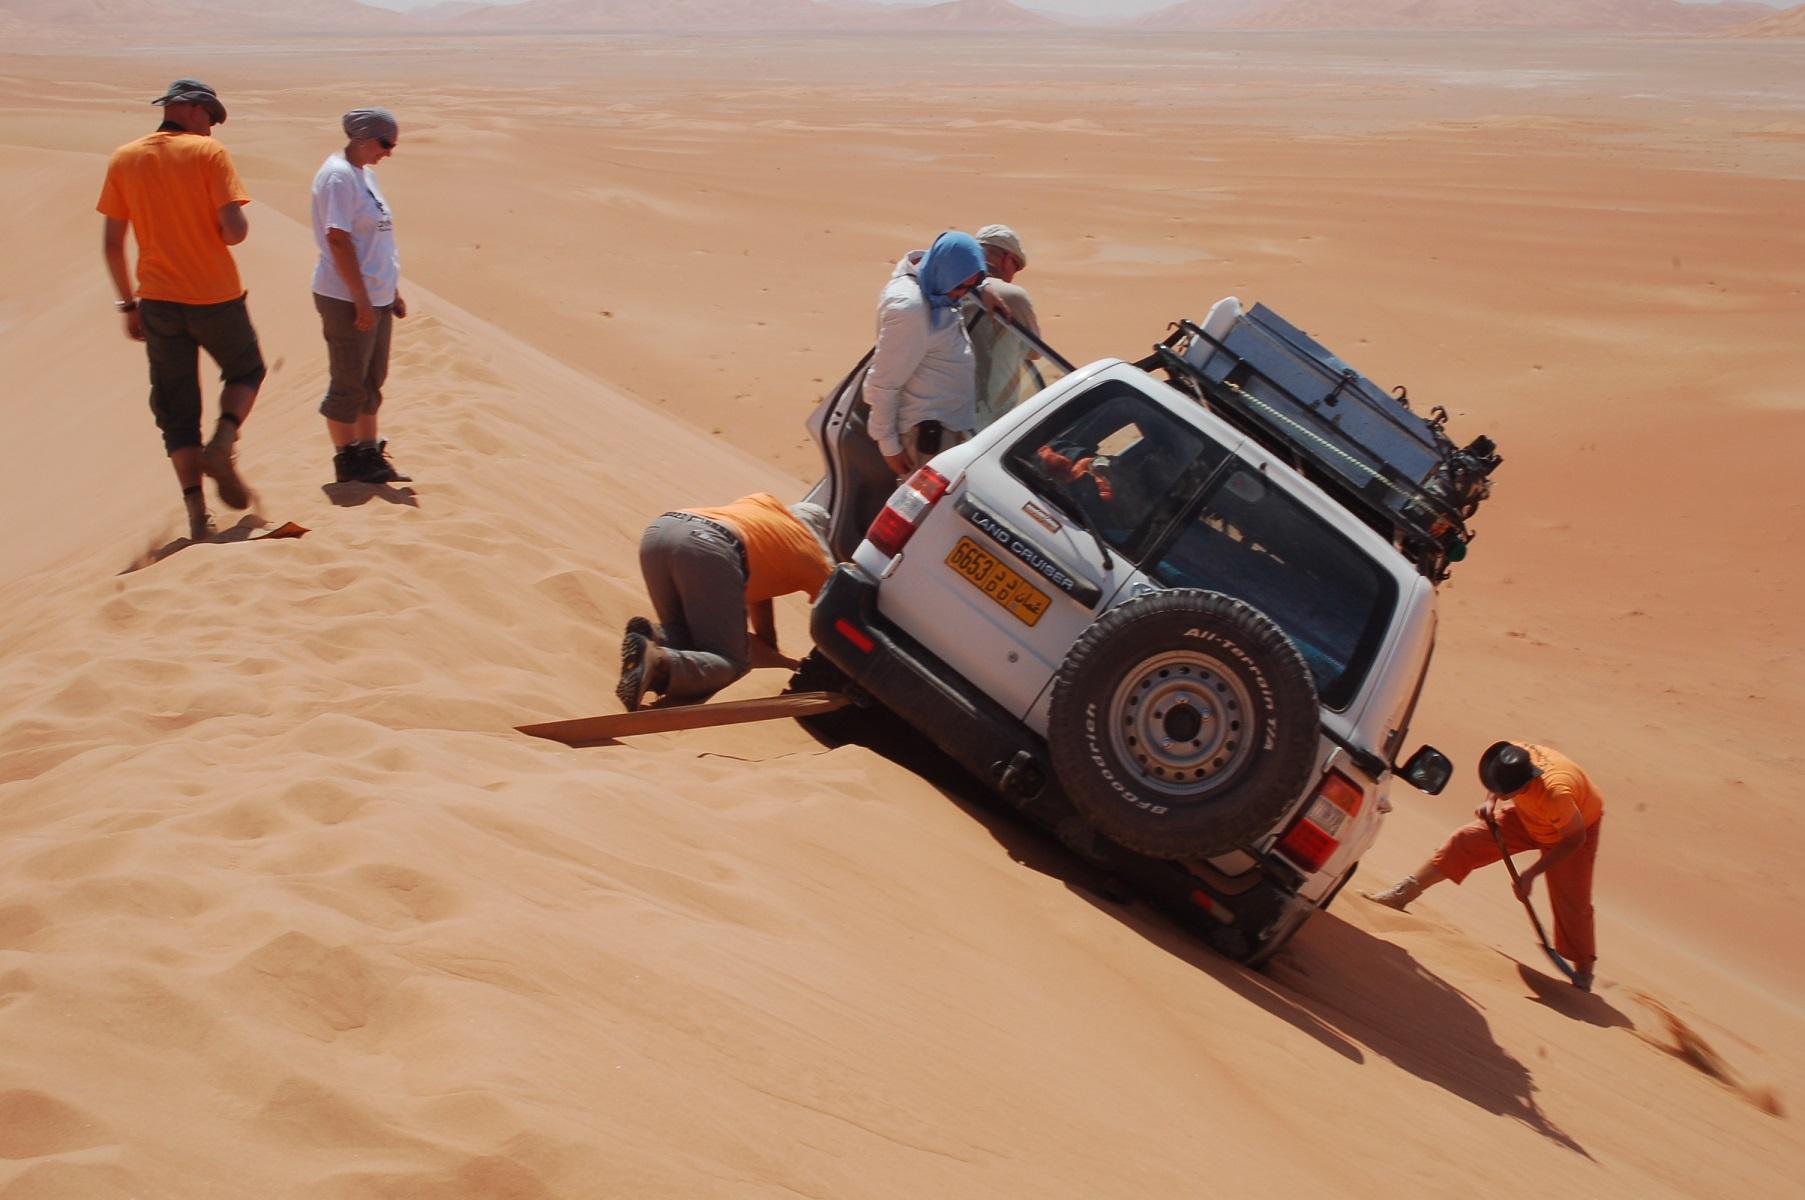 Oman - Der Plan scheint aufzugehen. Aber je weiter sich der Toyota Land Cruiser dreht, um so mehr Sand muss auch unter ihm weg geschaufelt werden. Unter diesen Bedingungen ein Knochenjob.